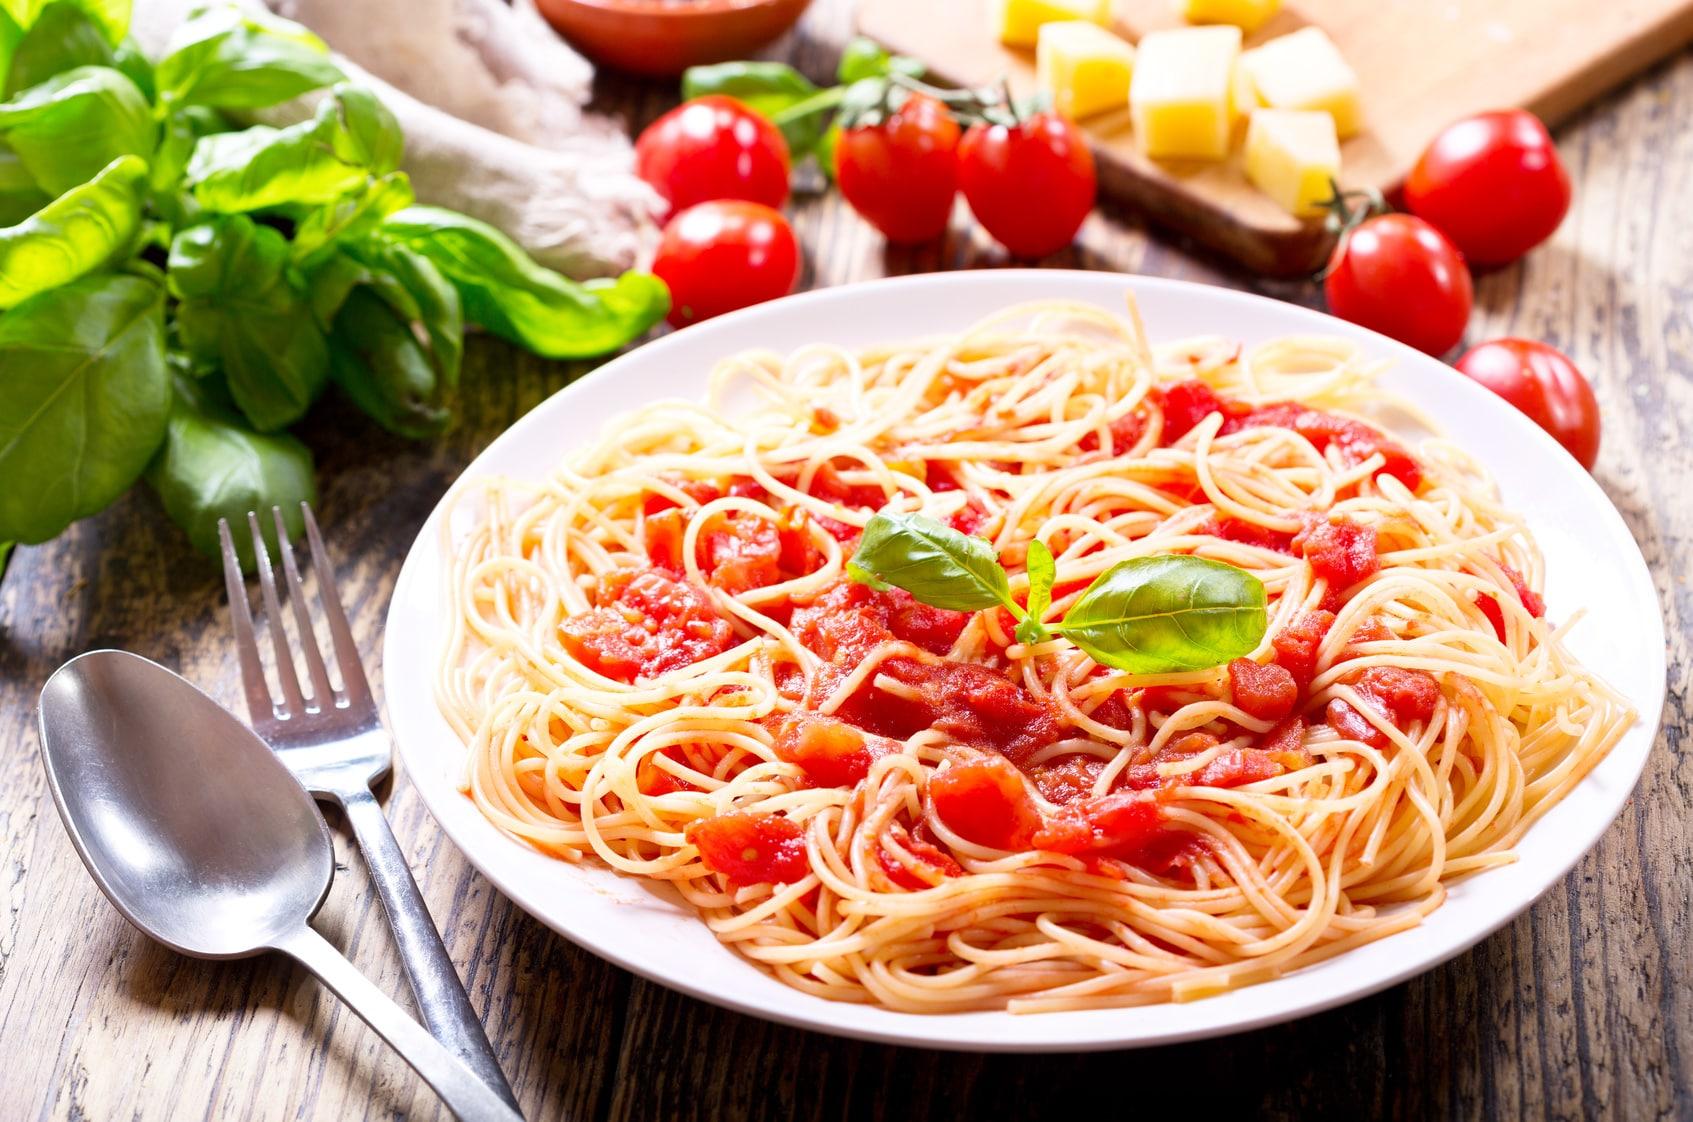 Les meilleurs restaurants italiens charleroi et ses alentours for Les meilleurs cuisinistes italiens